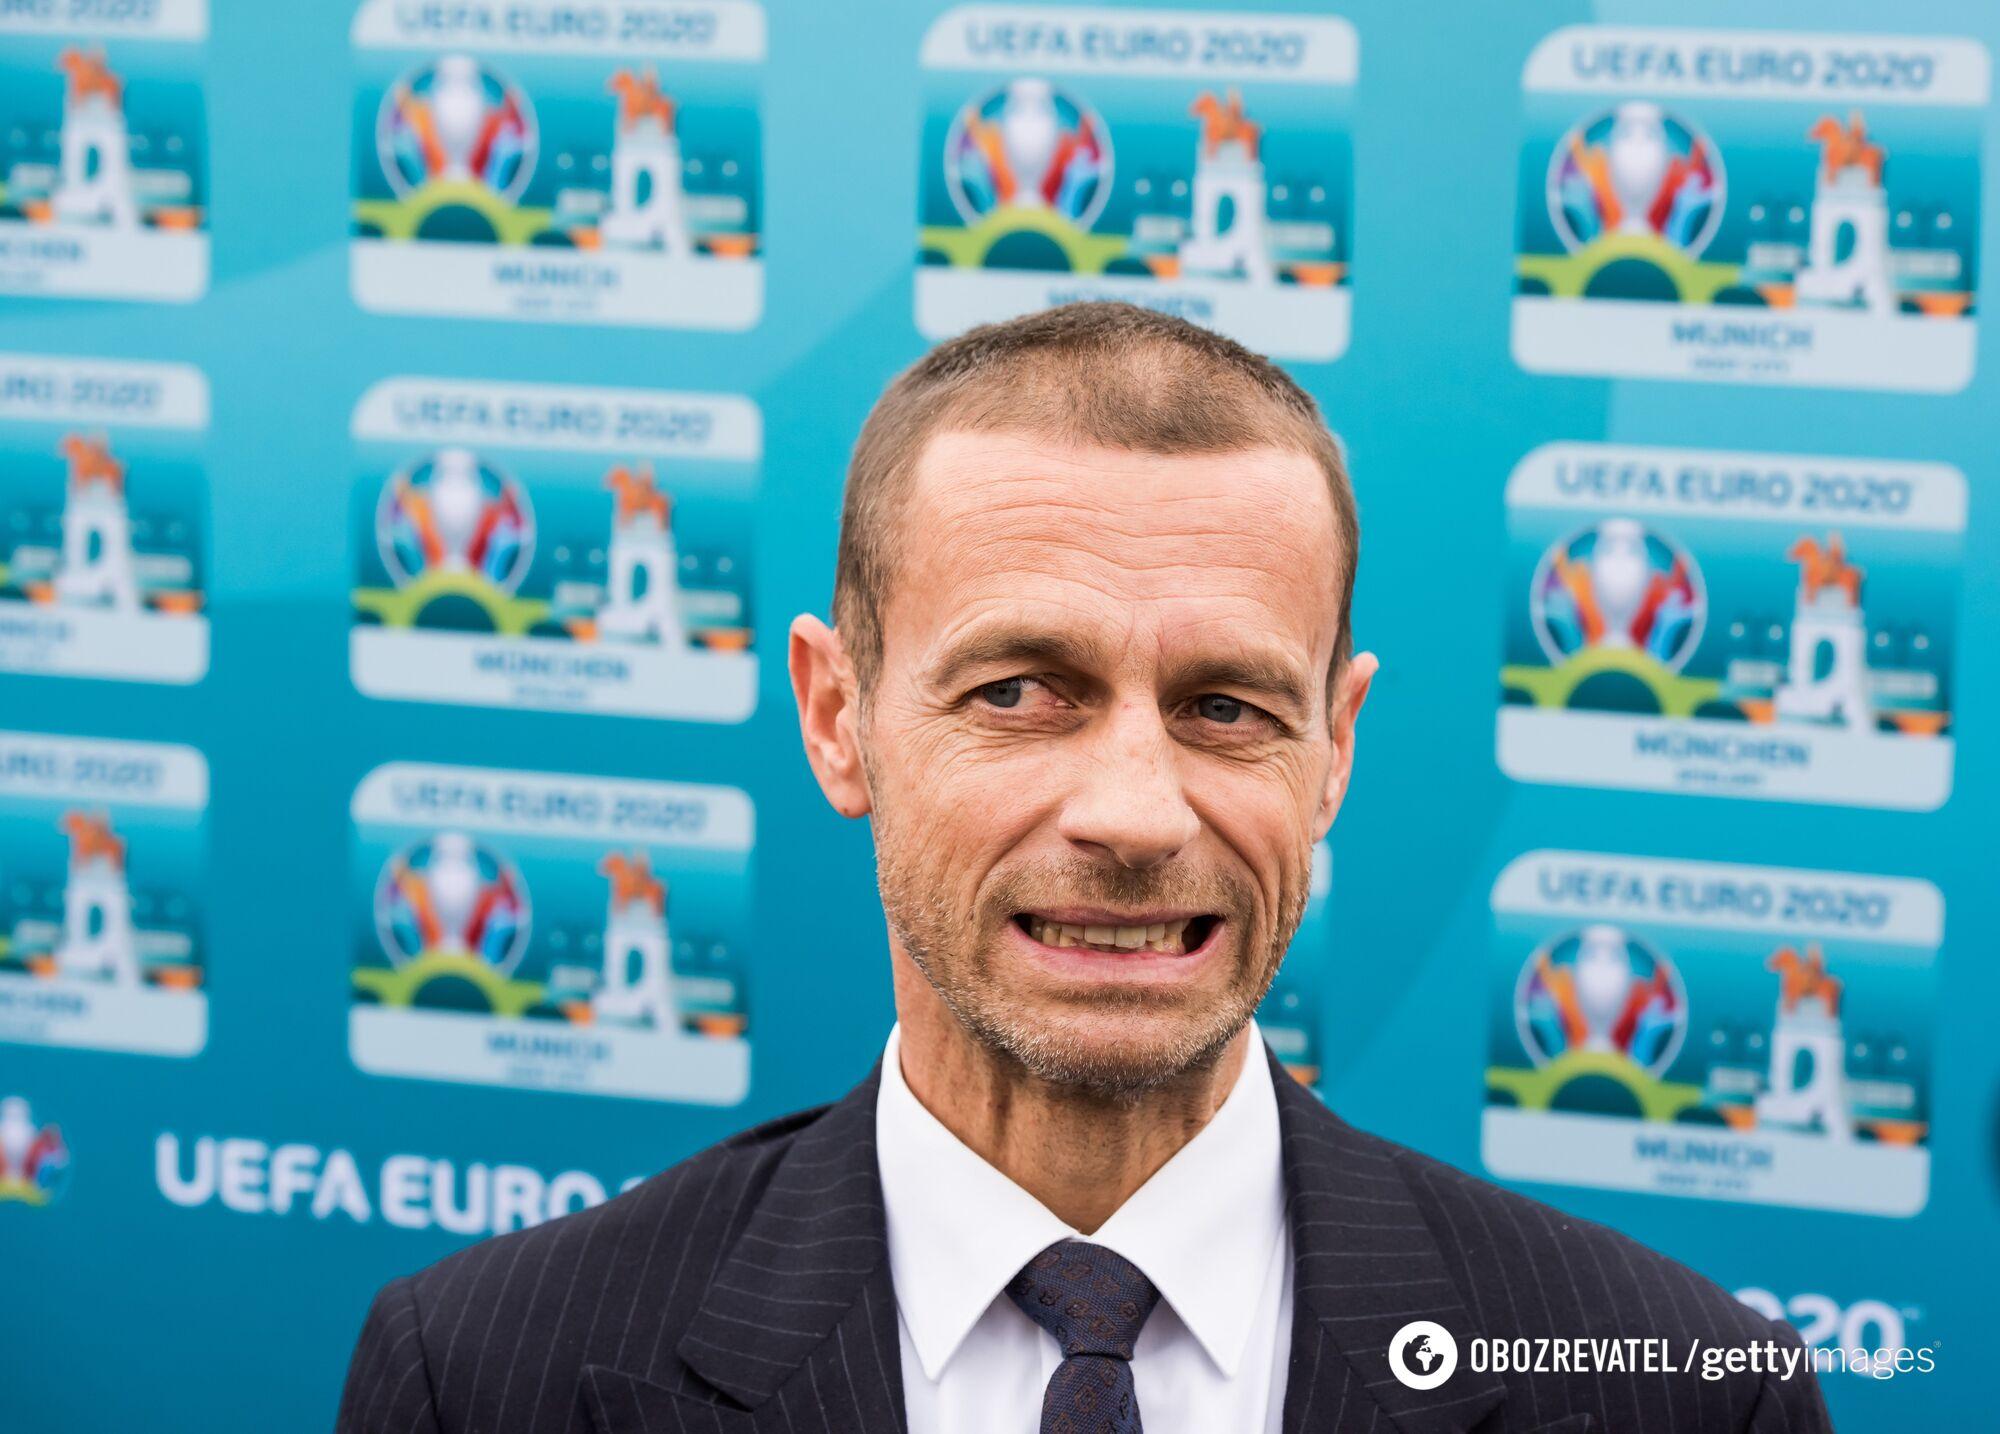 Похоже, президенту УЕФА Александру Чеферину вскоре придется принять тяжело решение...